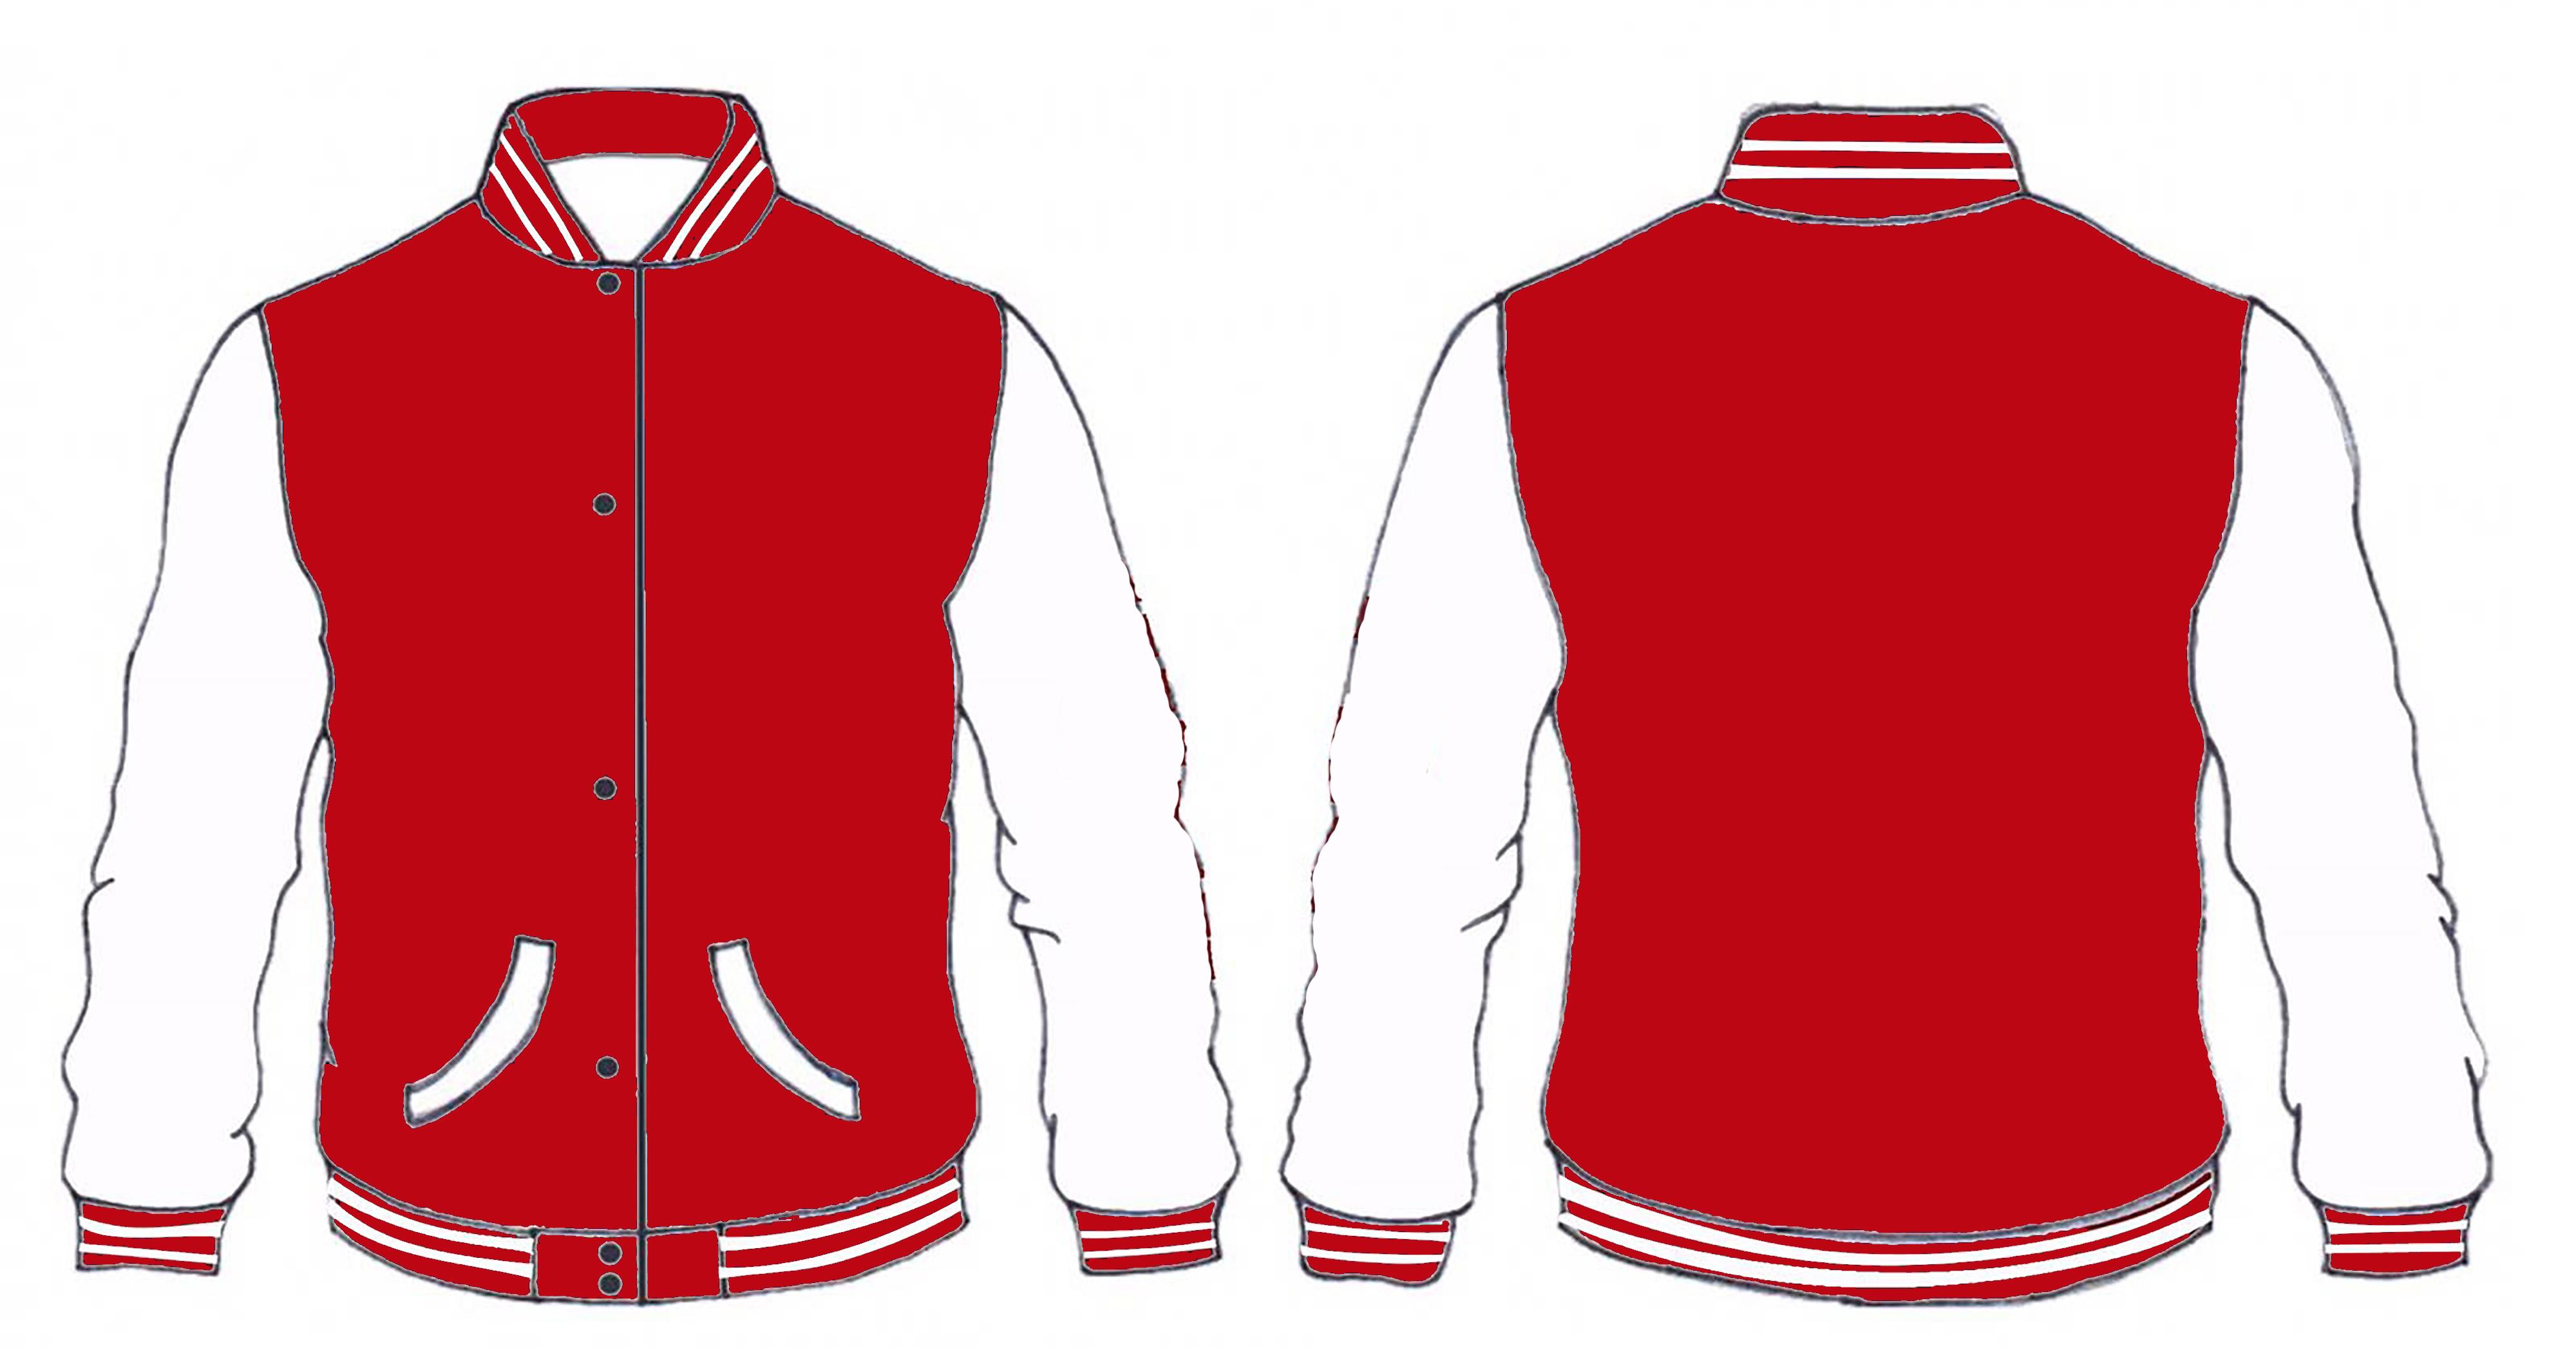 紅 red